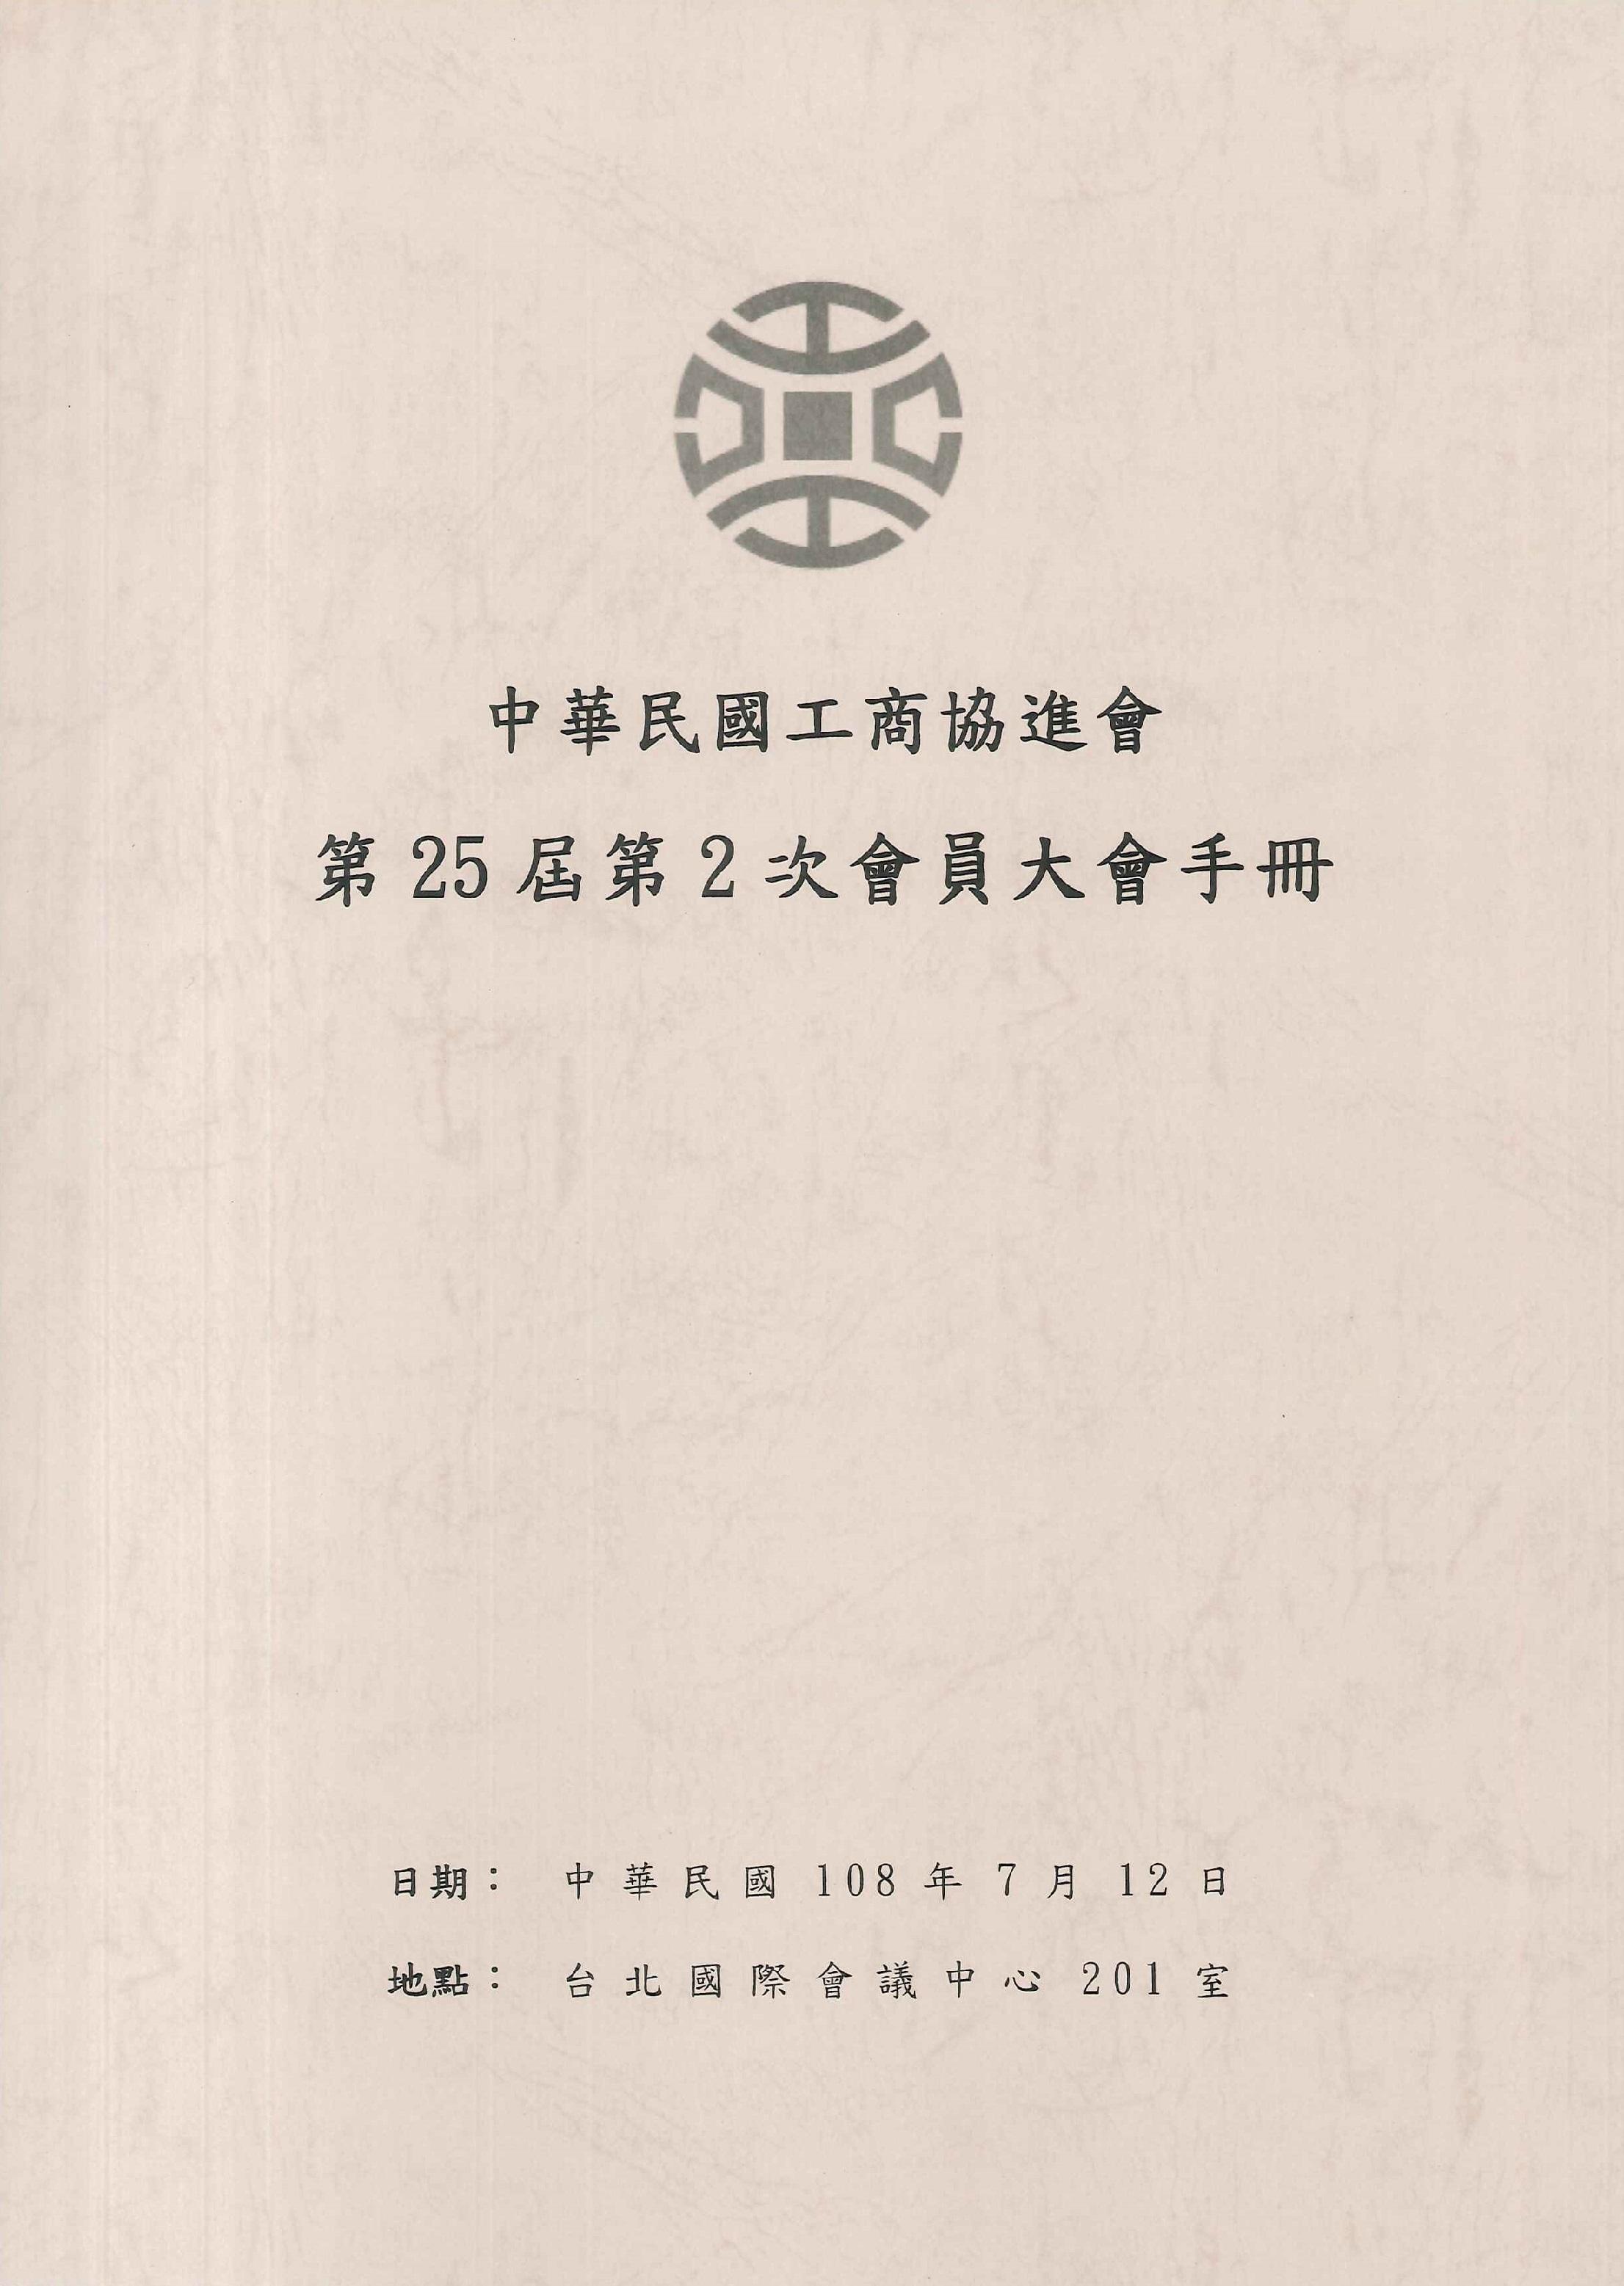 中華民國工商協進會:會員大會手冊